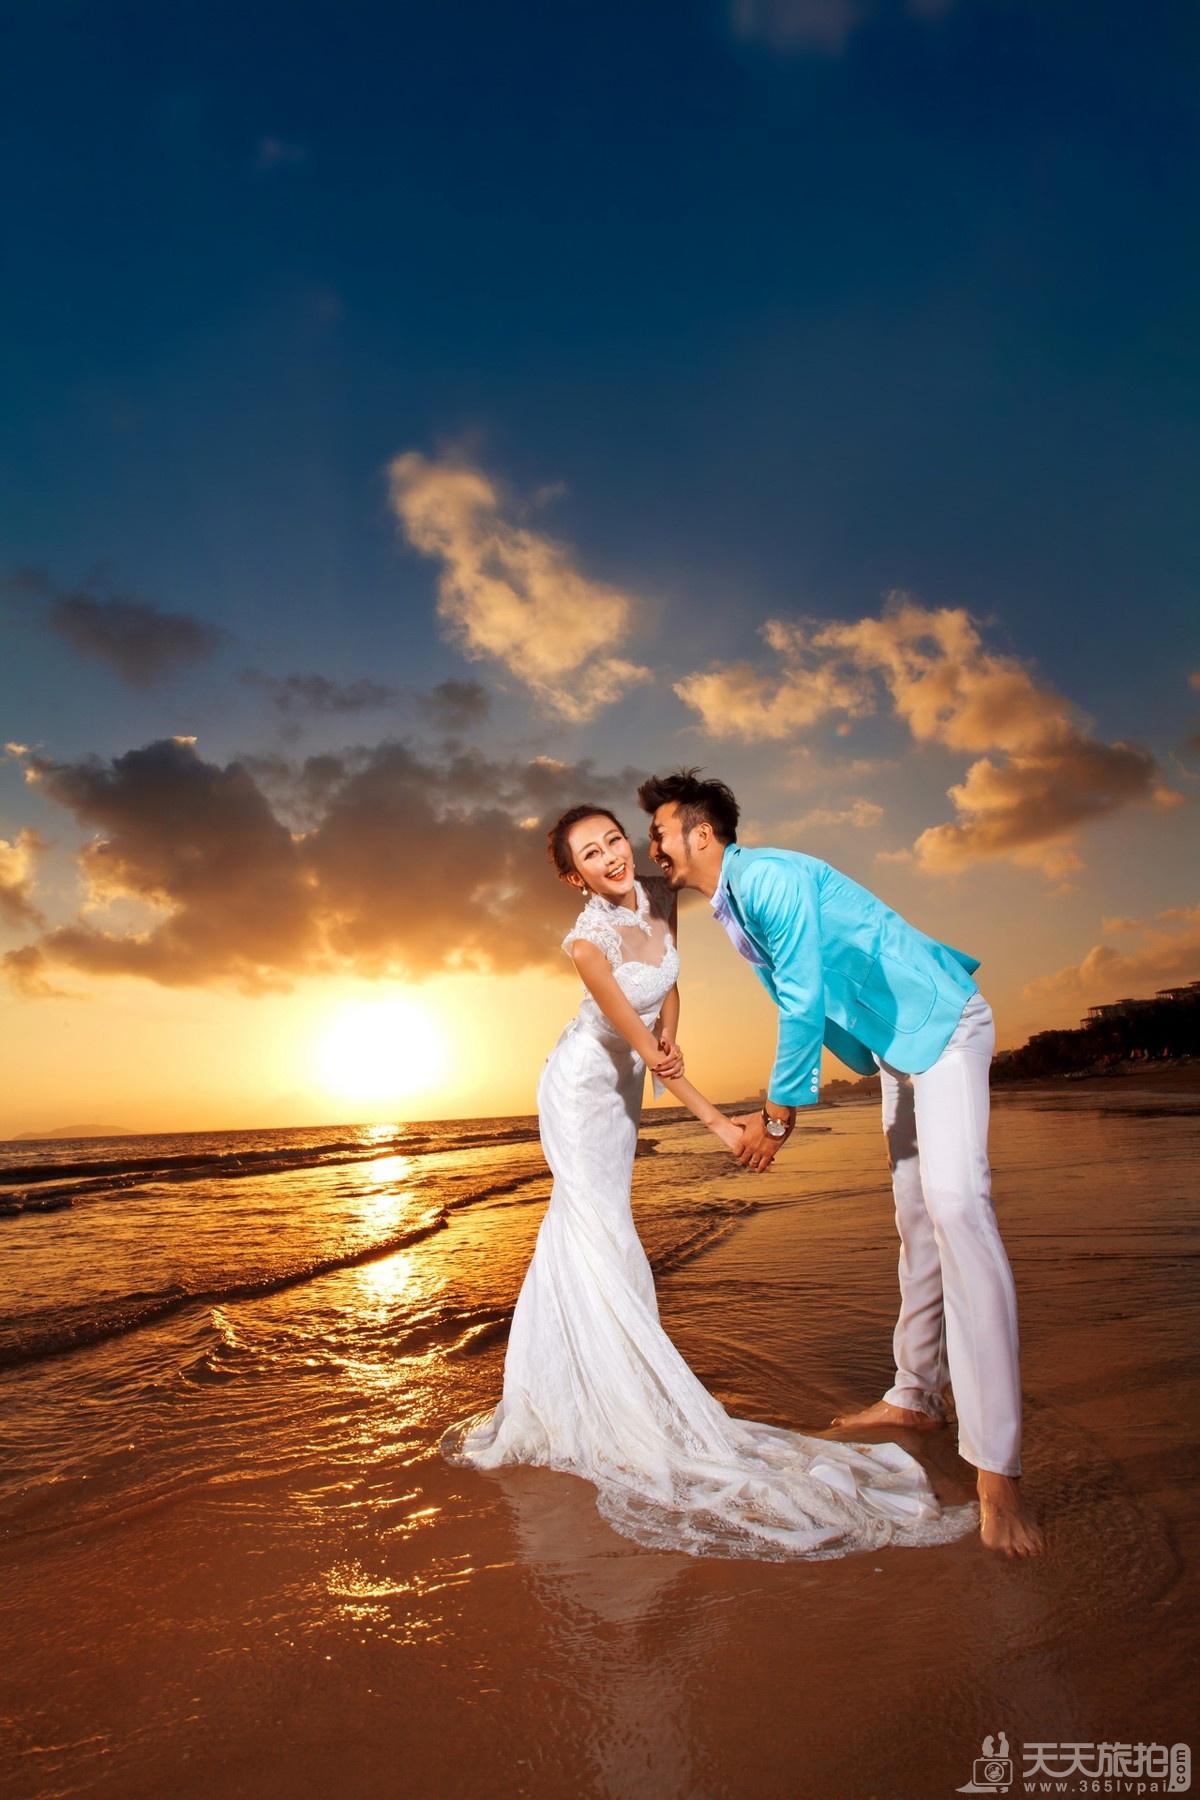 韩国济州岛旅拍婚纱照之海滩晚霞